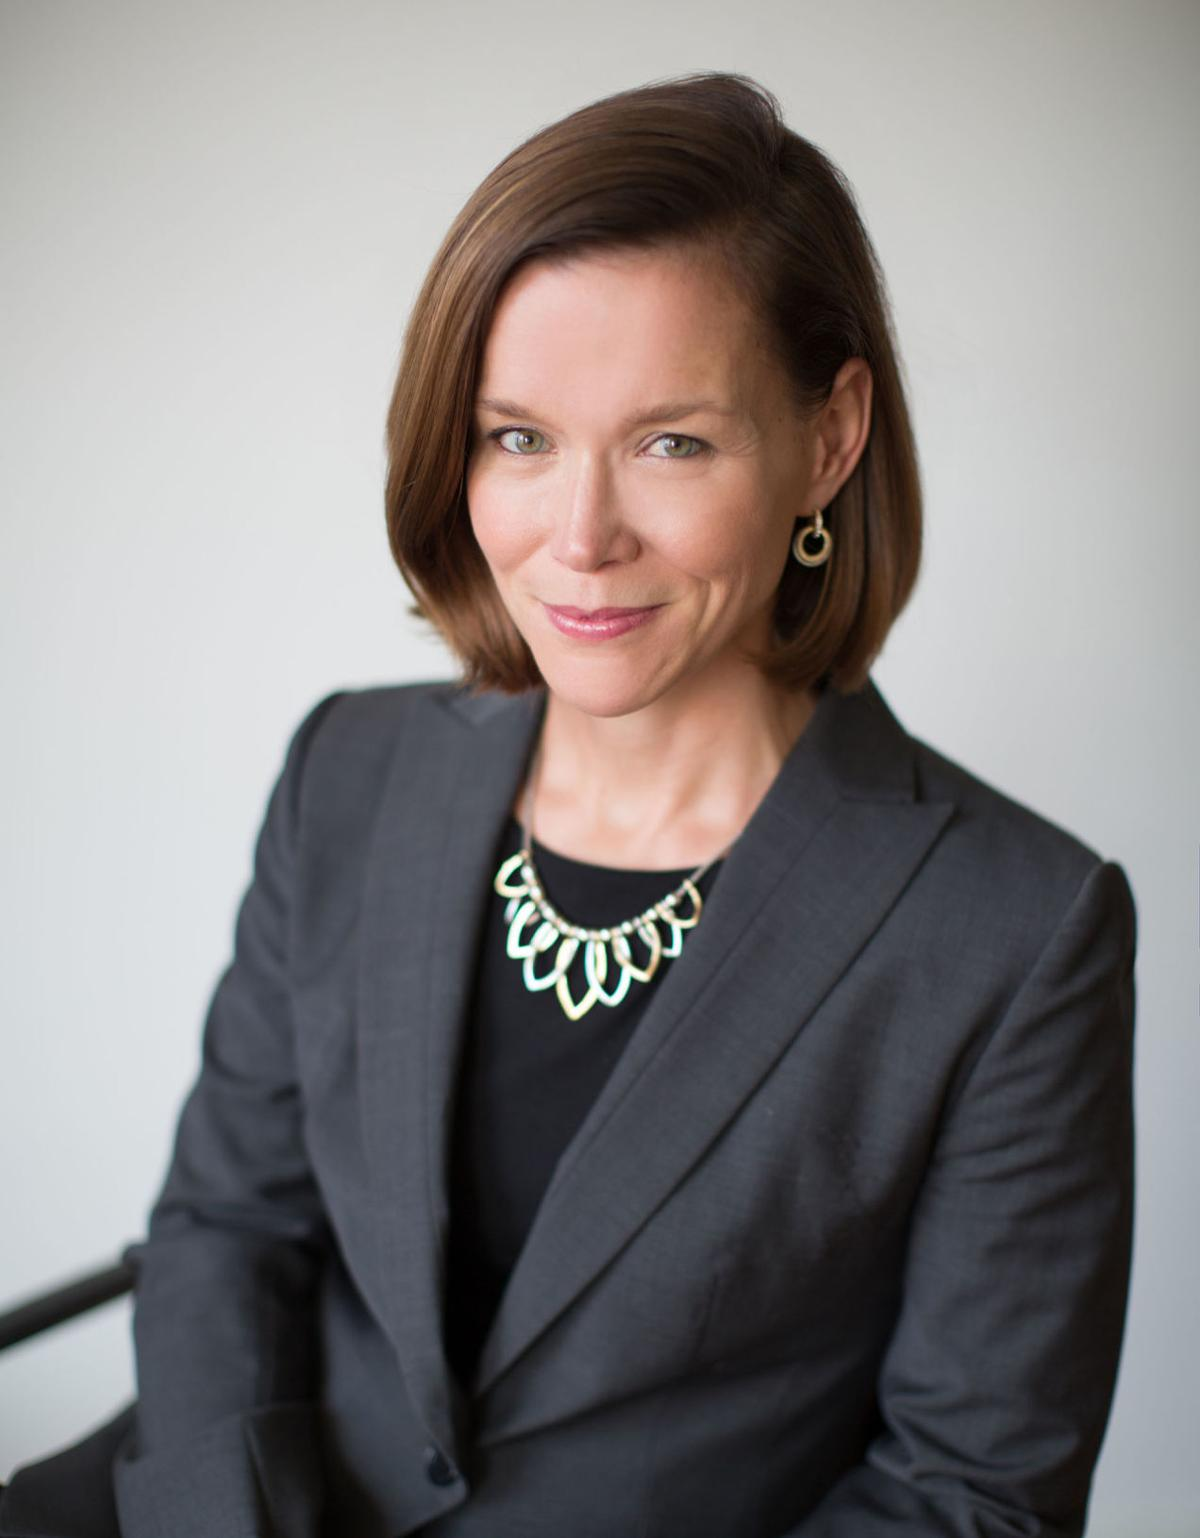 Emma Kail